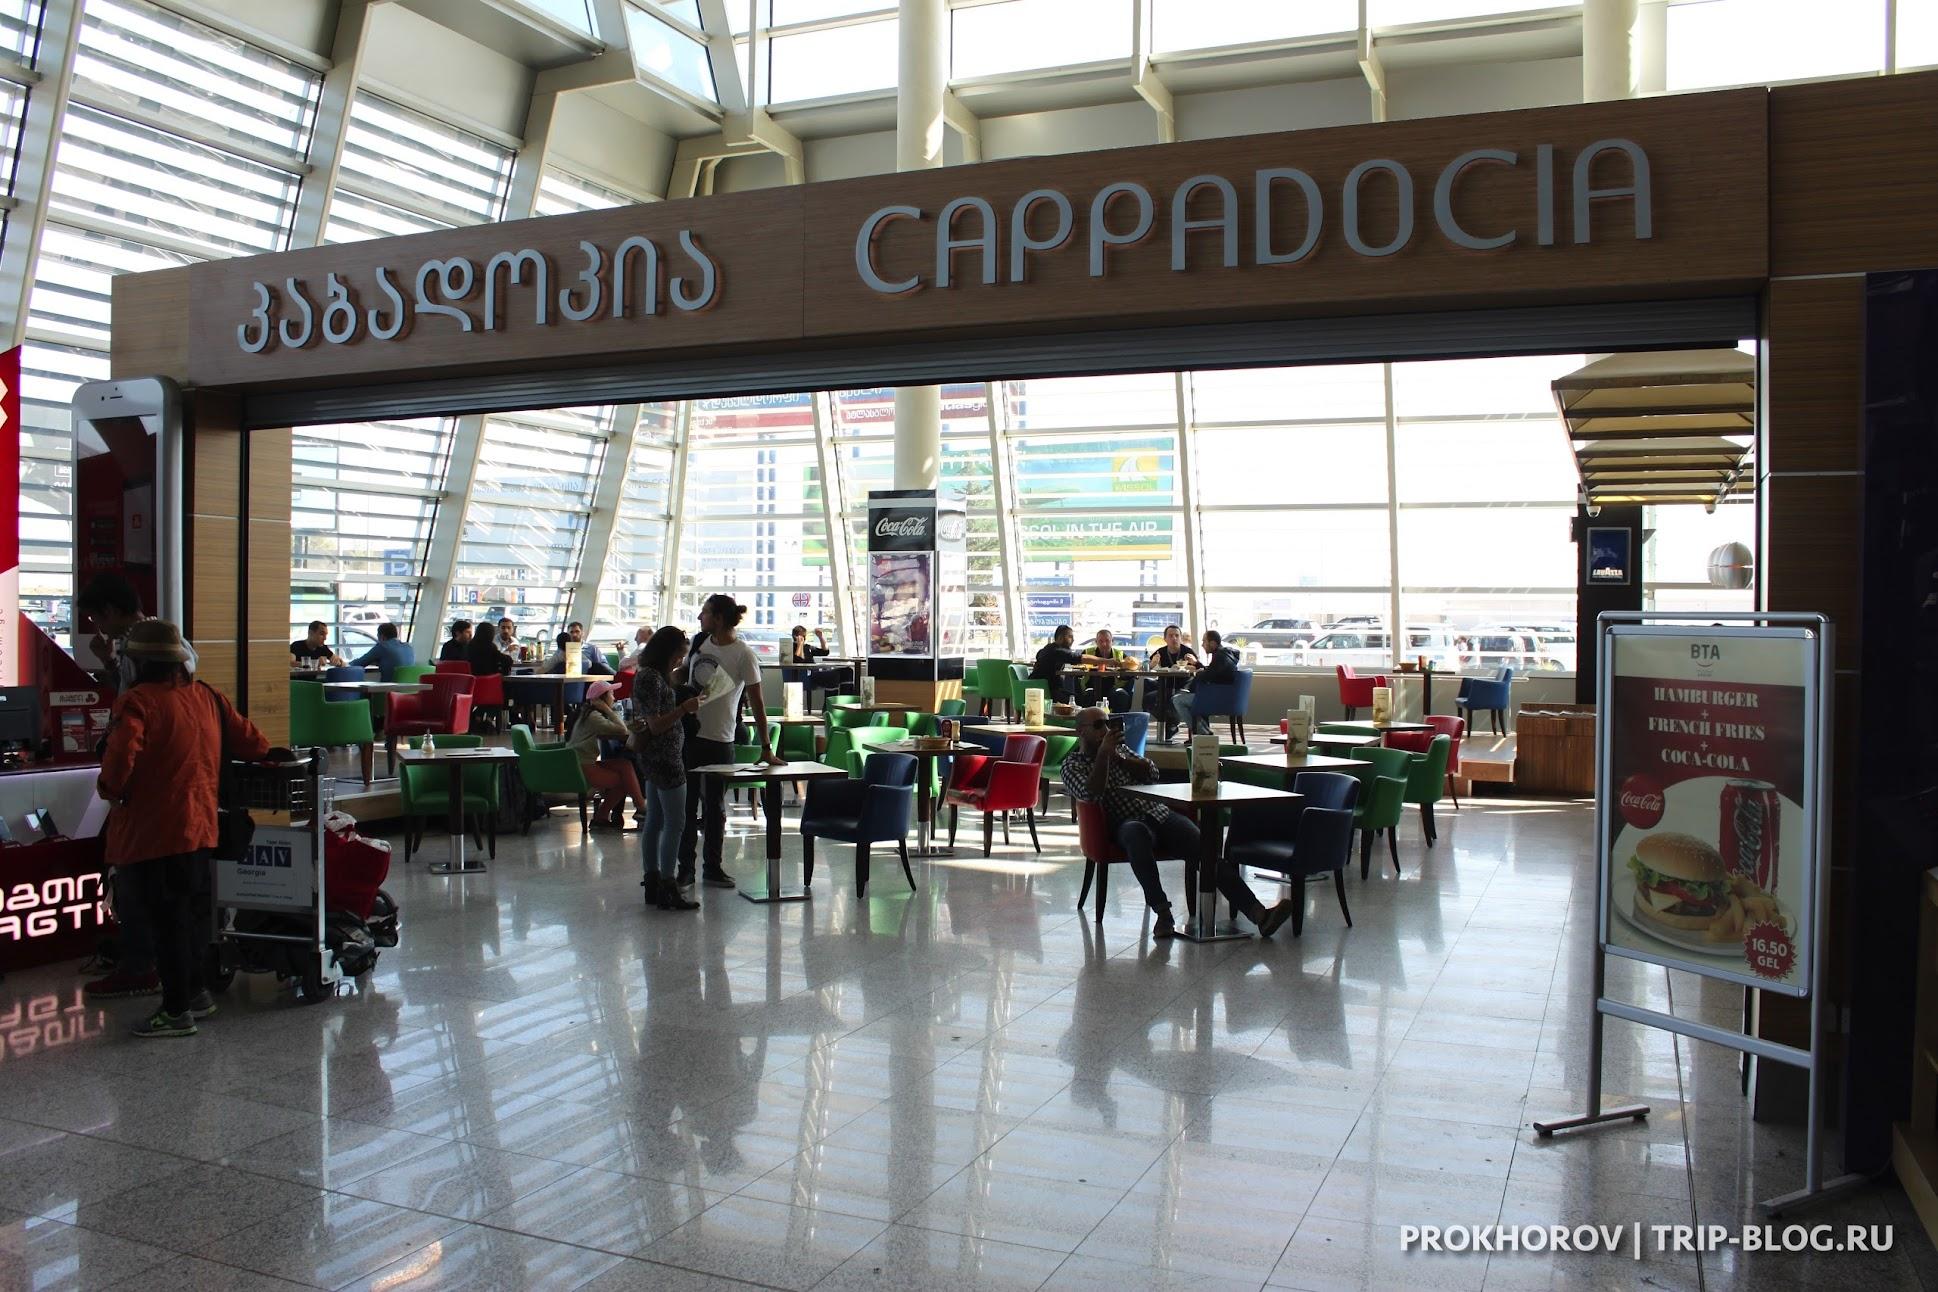 Кафе Cappadocia в аэропорту Тбилиси